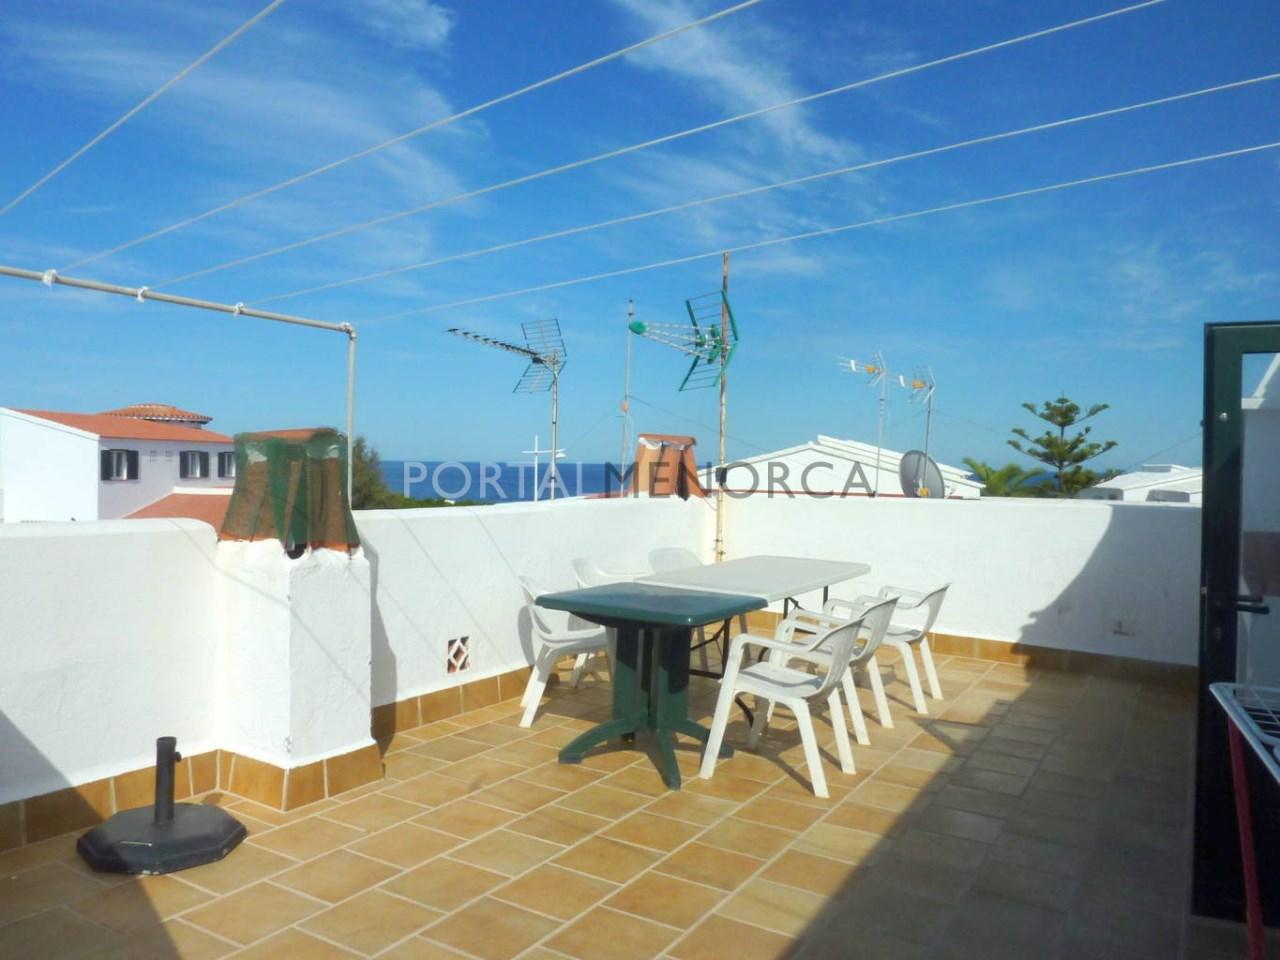 Apartamento en venta en S'Algar, Menorca con terraza y vistas al mar